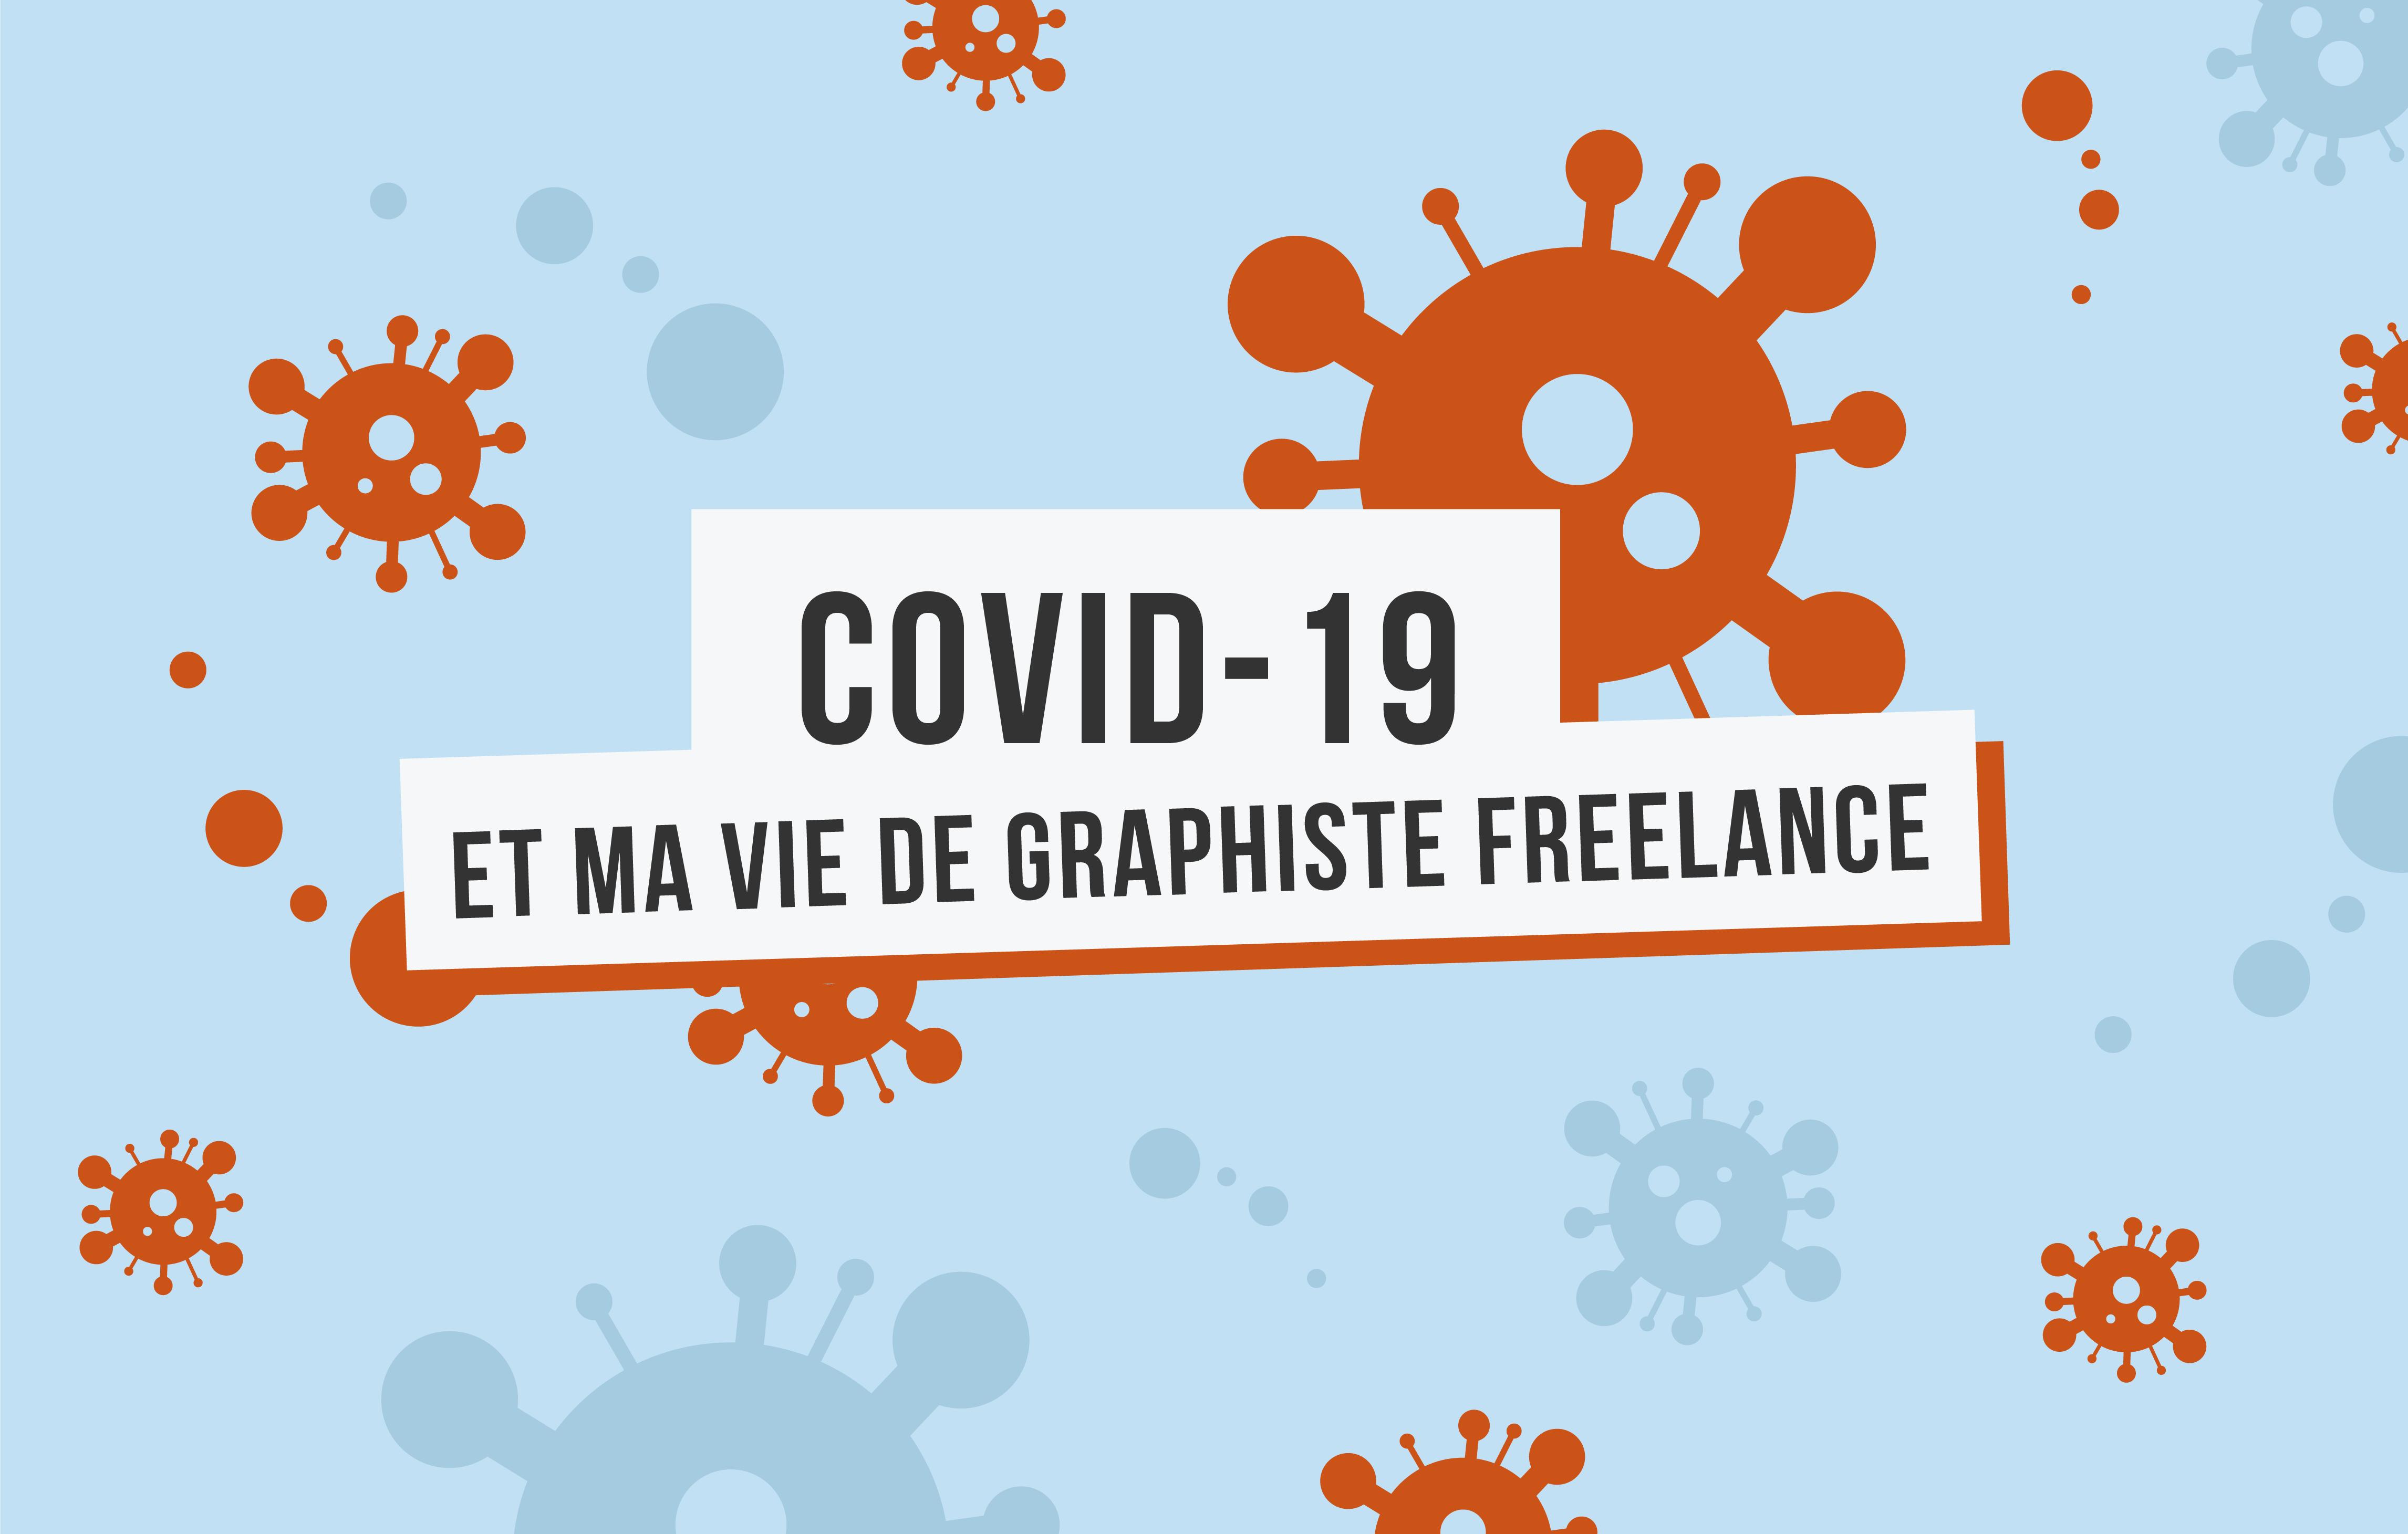 Covid-19 et ma vie de graphiste freelance